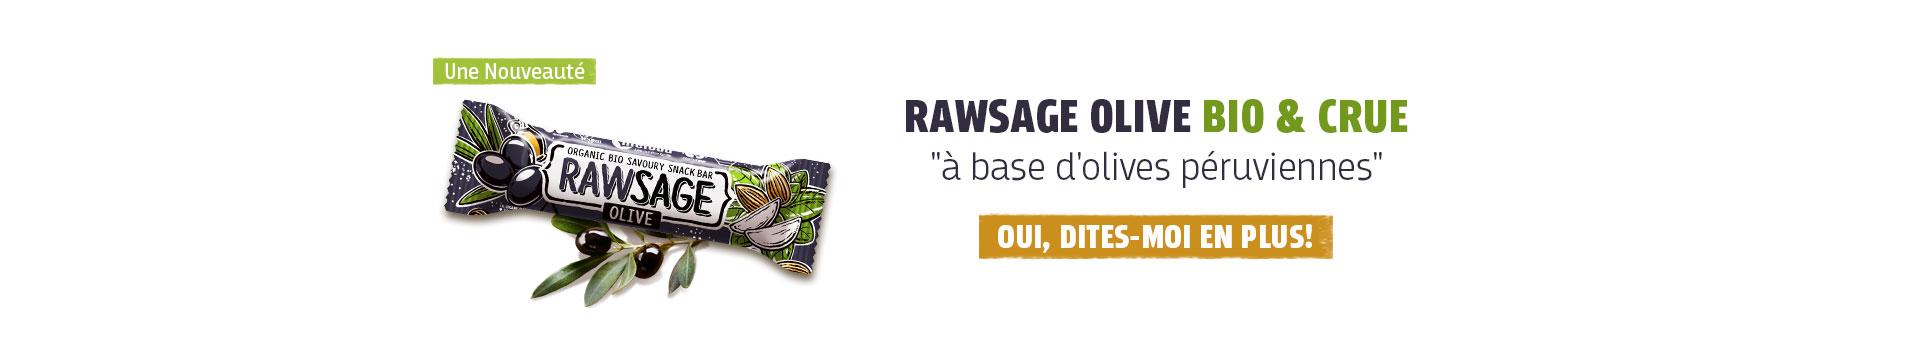 Nouveaux barre Rawsage olive